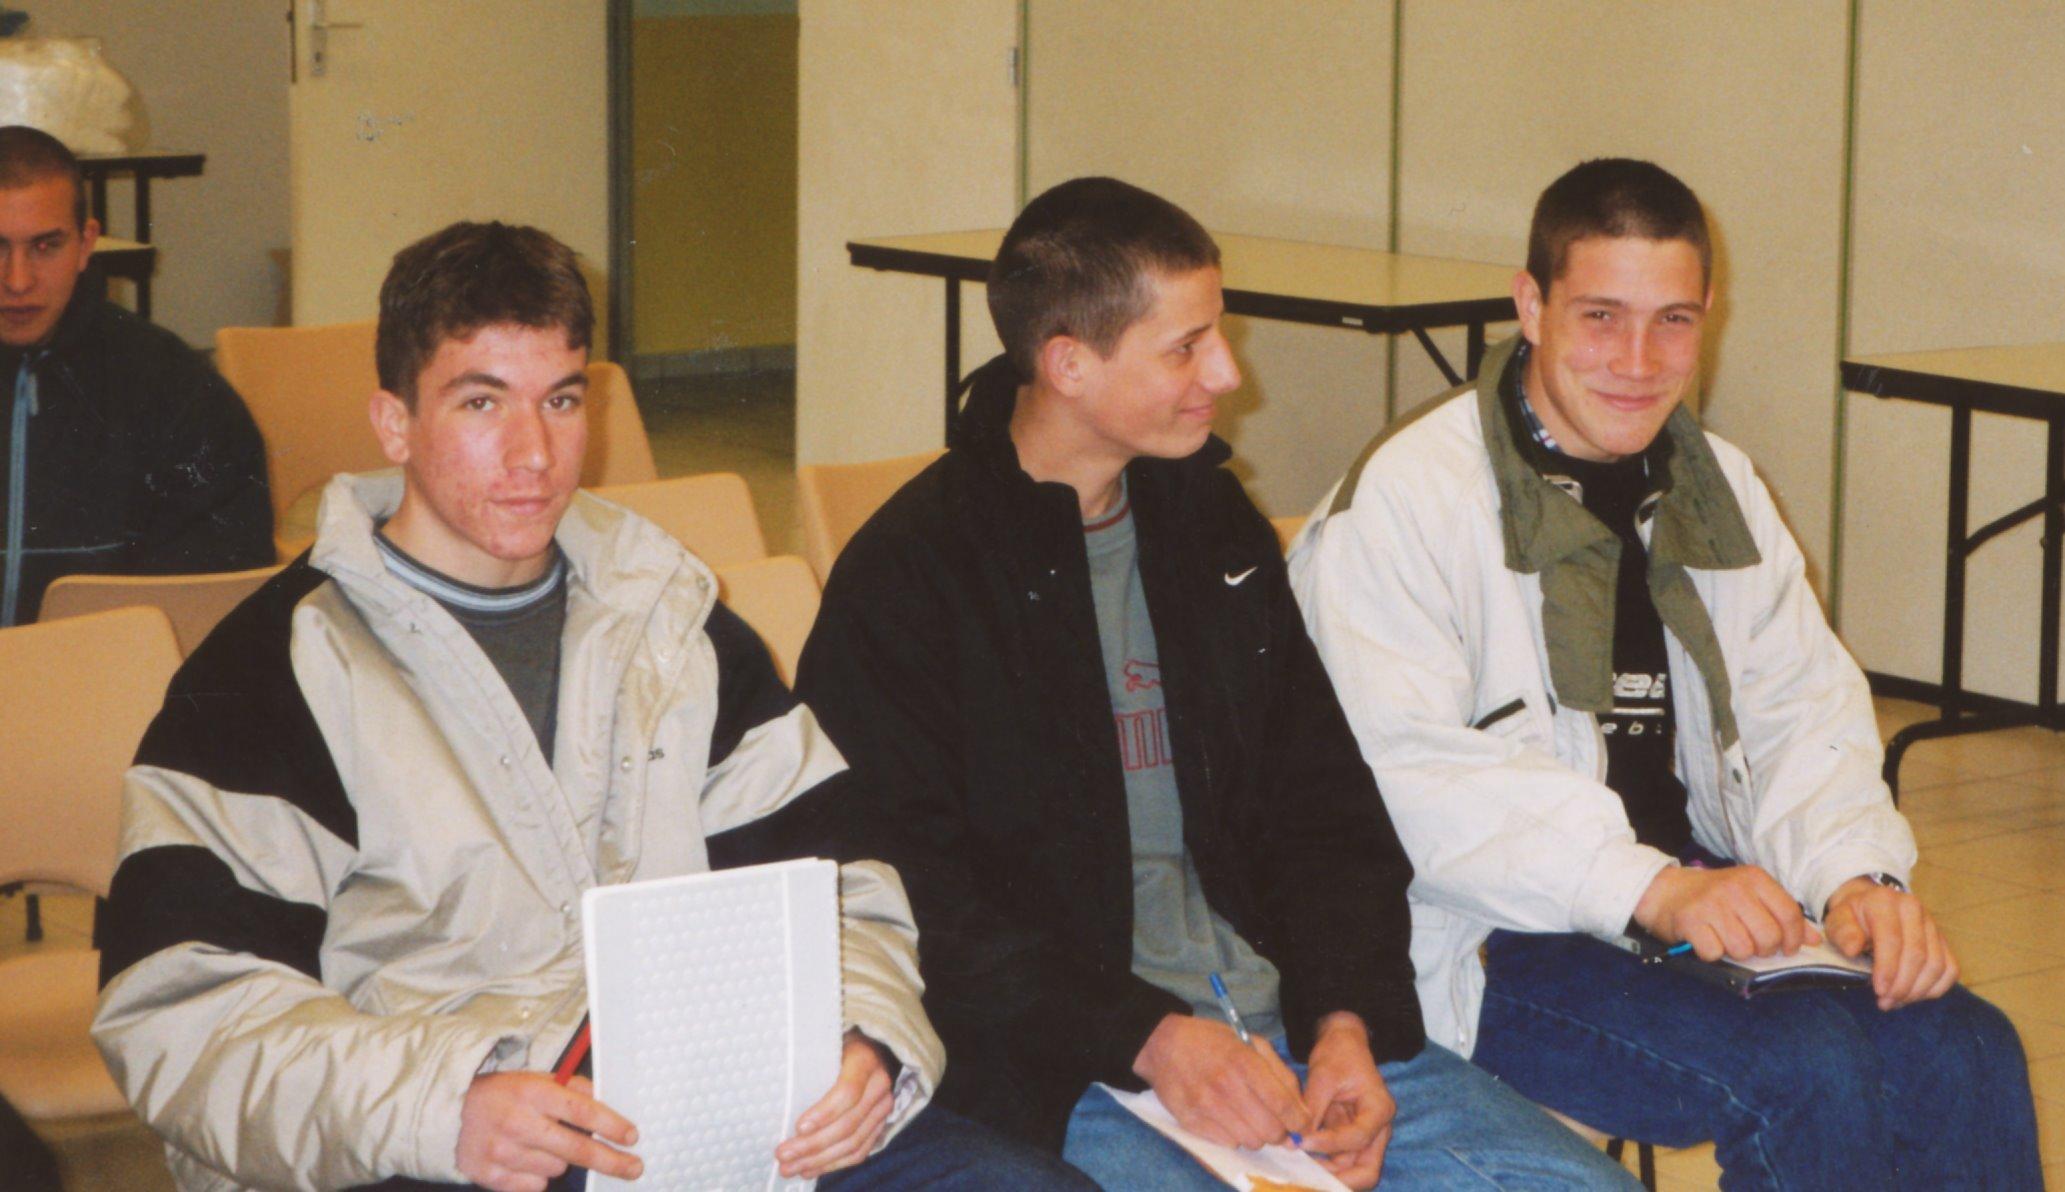 Archives anciens élèves mfr puy-sec 1999 (5)